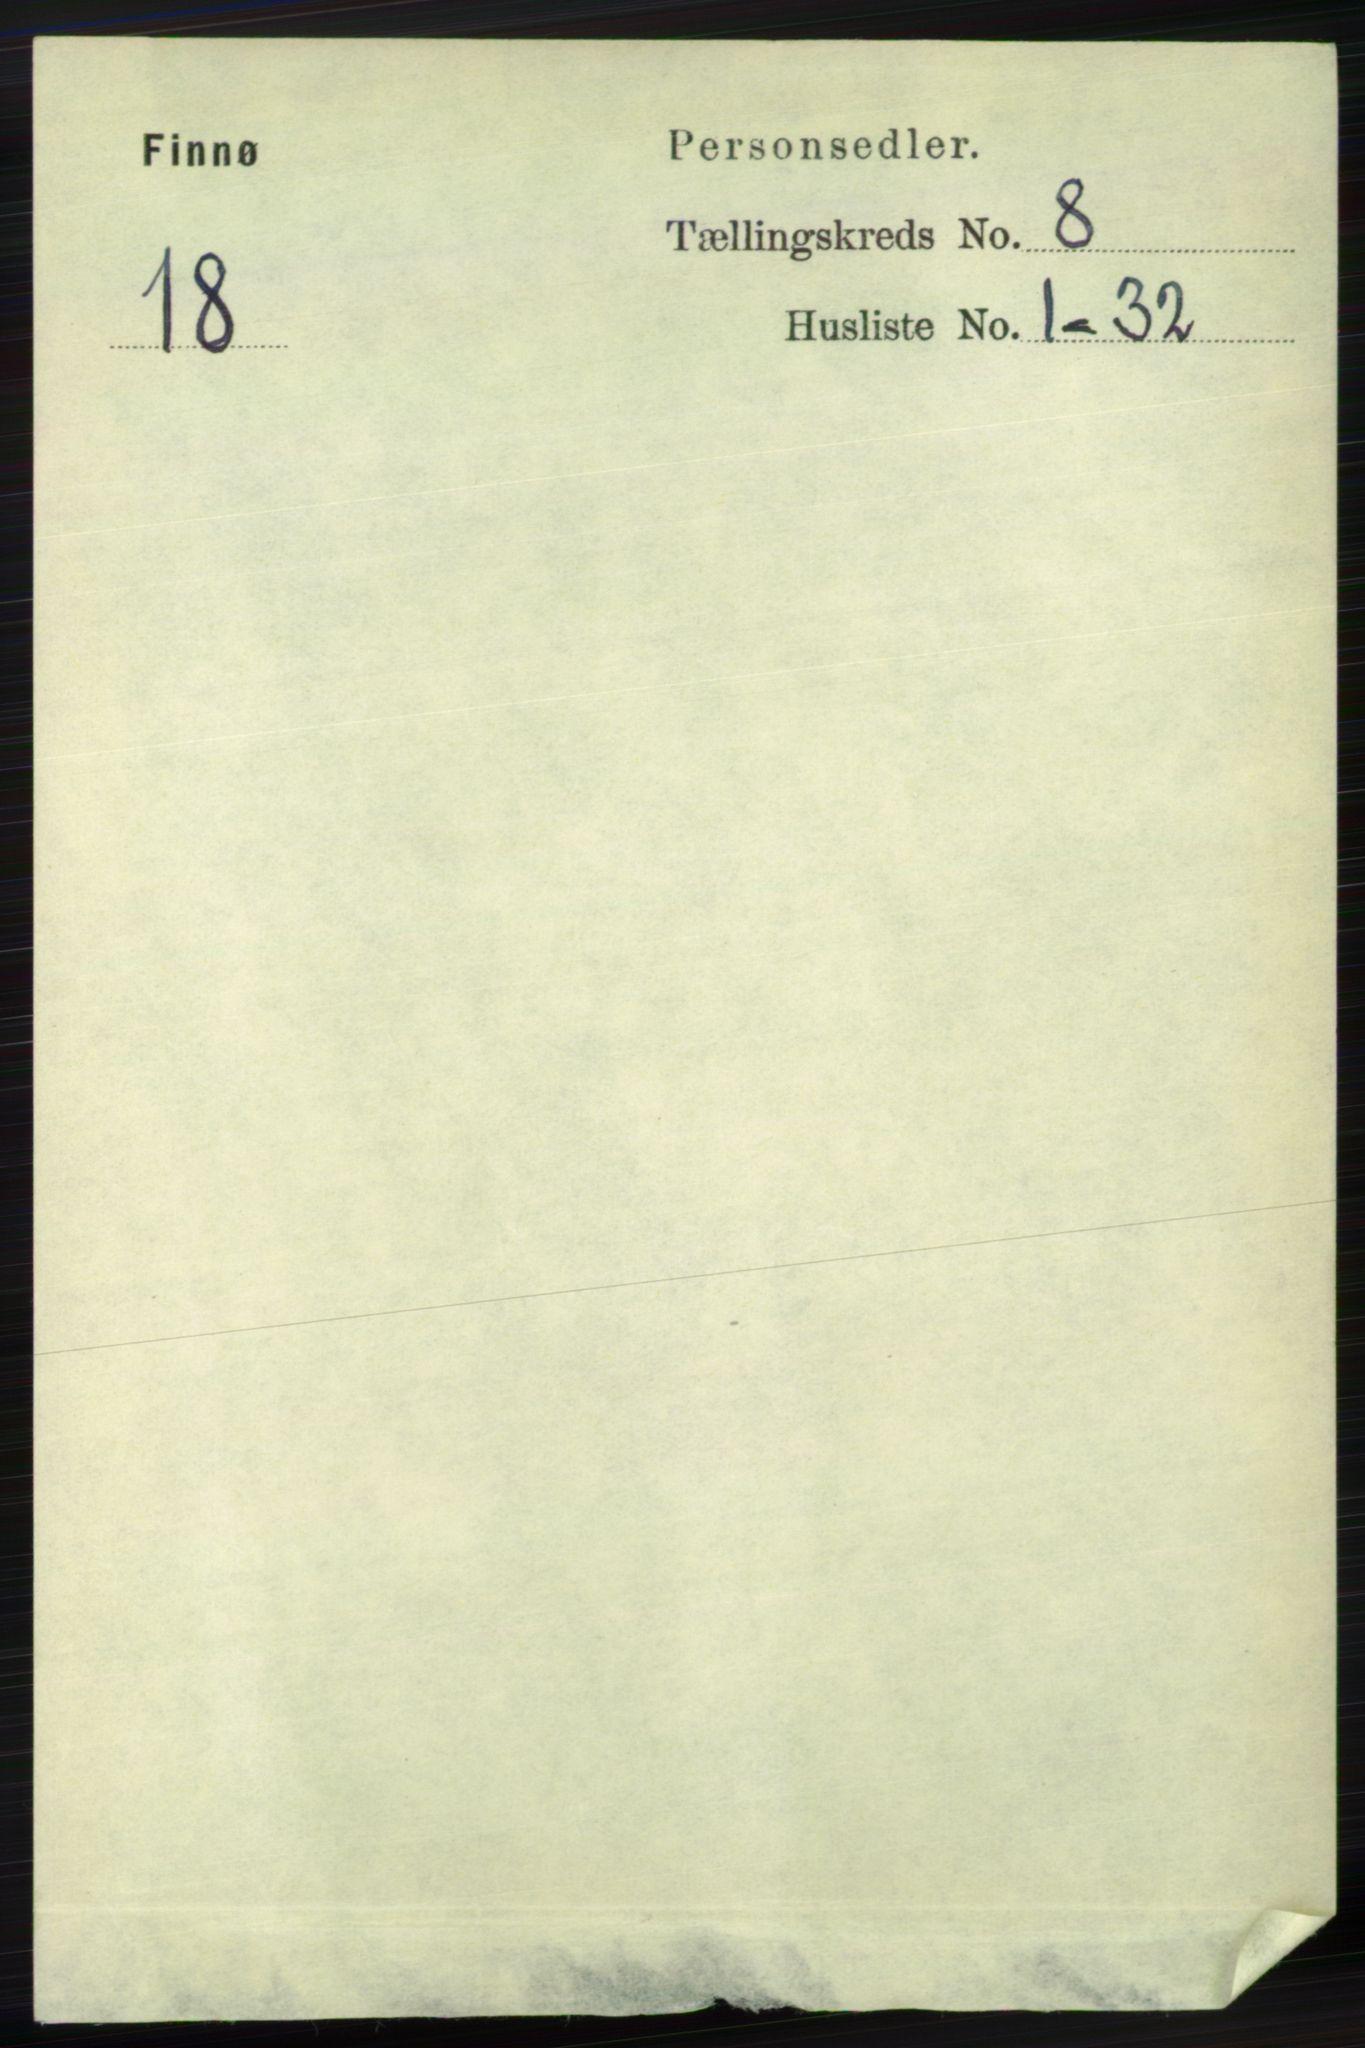 RA, Folketelling 1891 for 1141 Finnøy herred, 1891, s. 1683